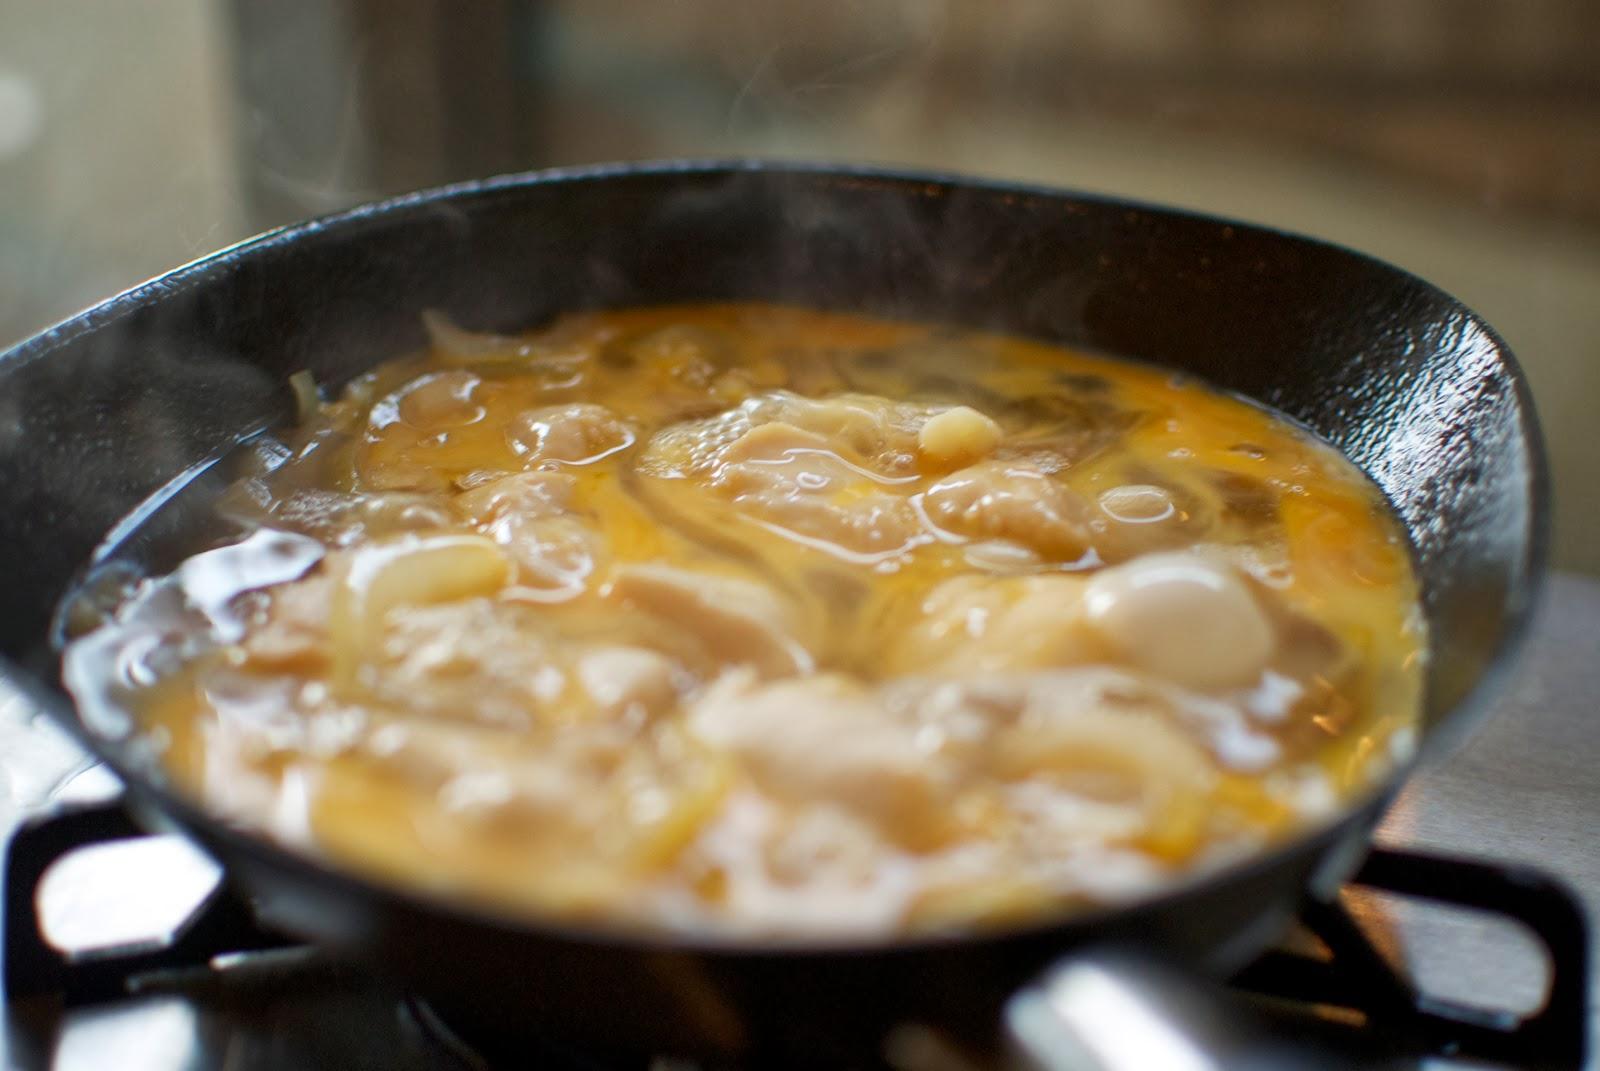 柳総理のフライパンで煮た鶏肉と玉葱に卵を投入